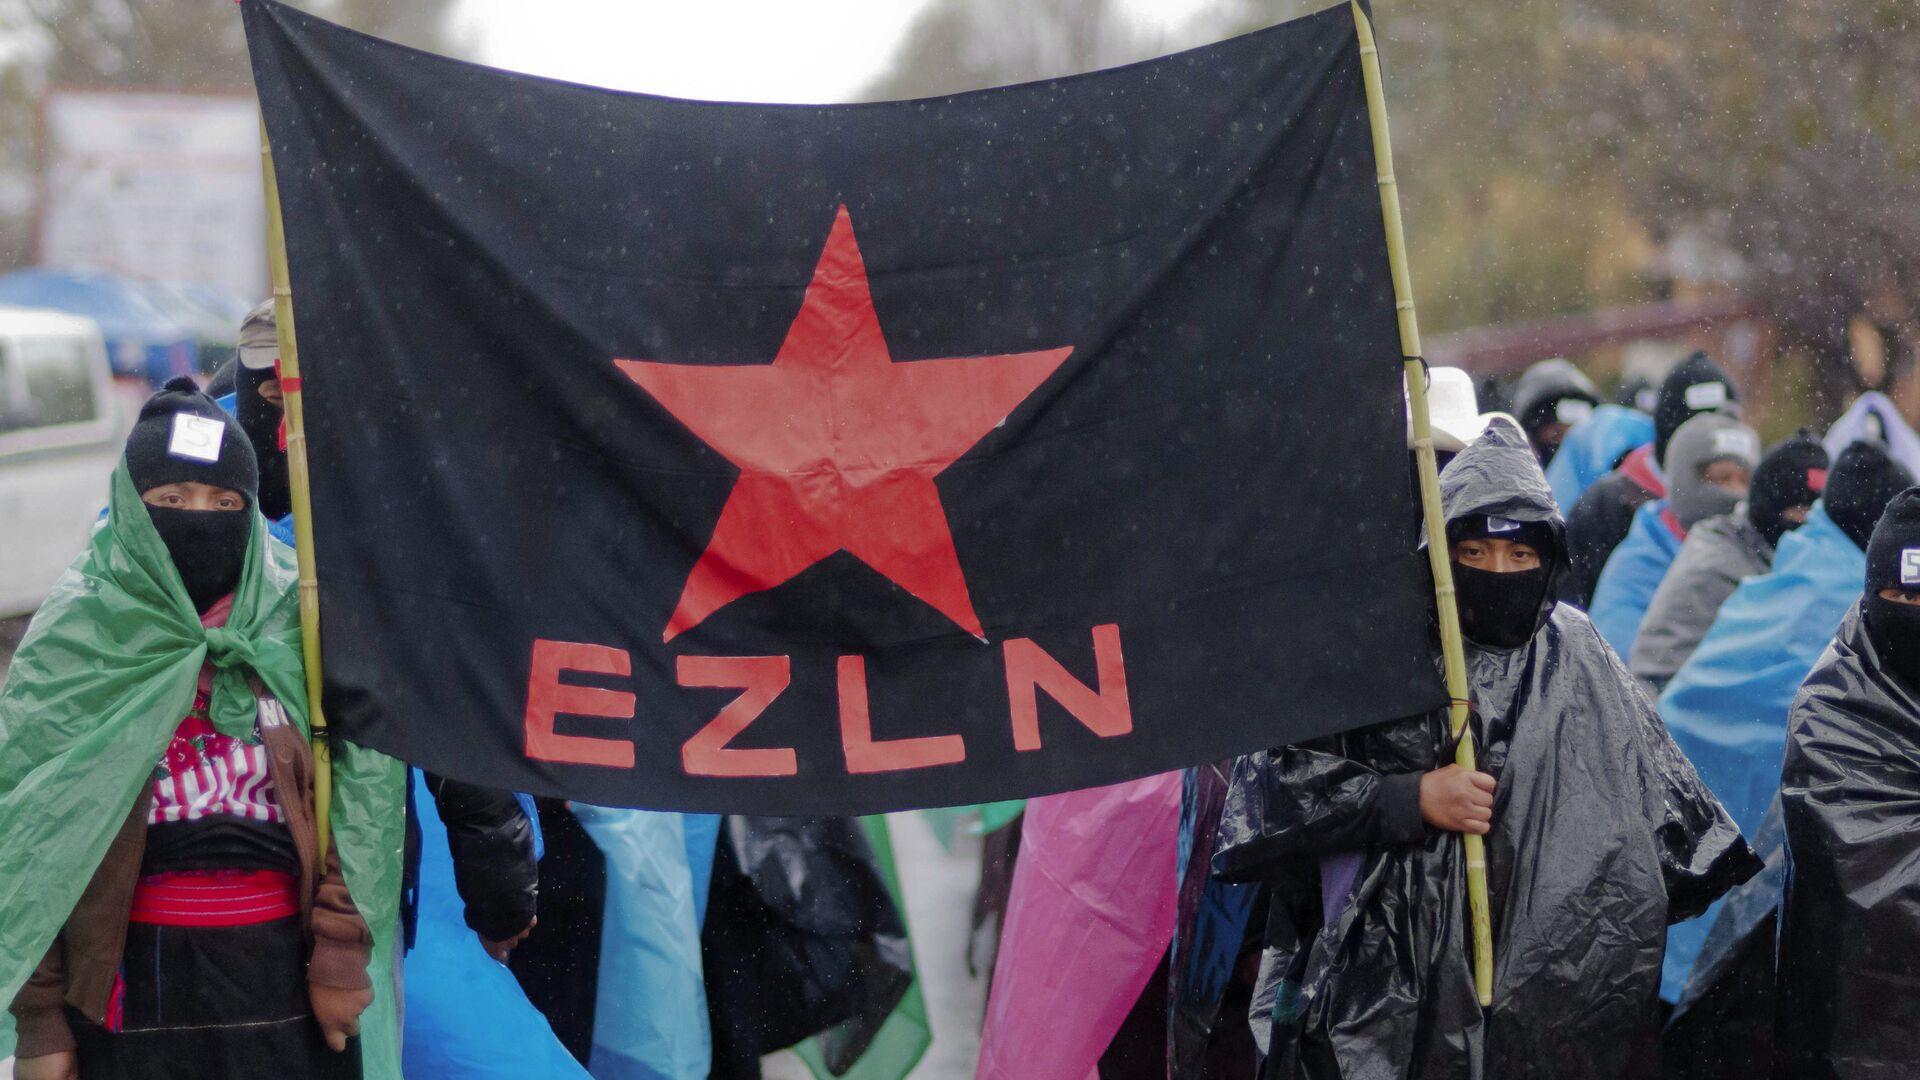 Partidarios de EZLN (archivo) - Sputnik Mundo, 1920, 19.08.2019